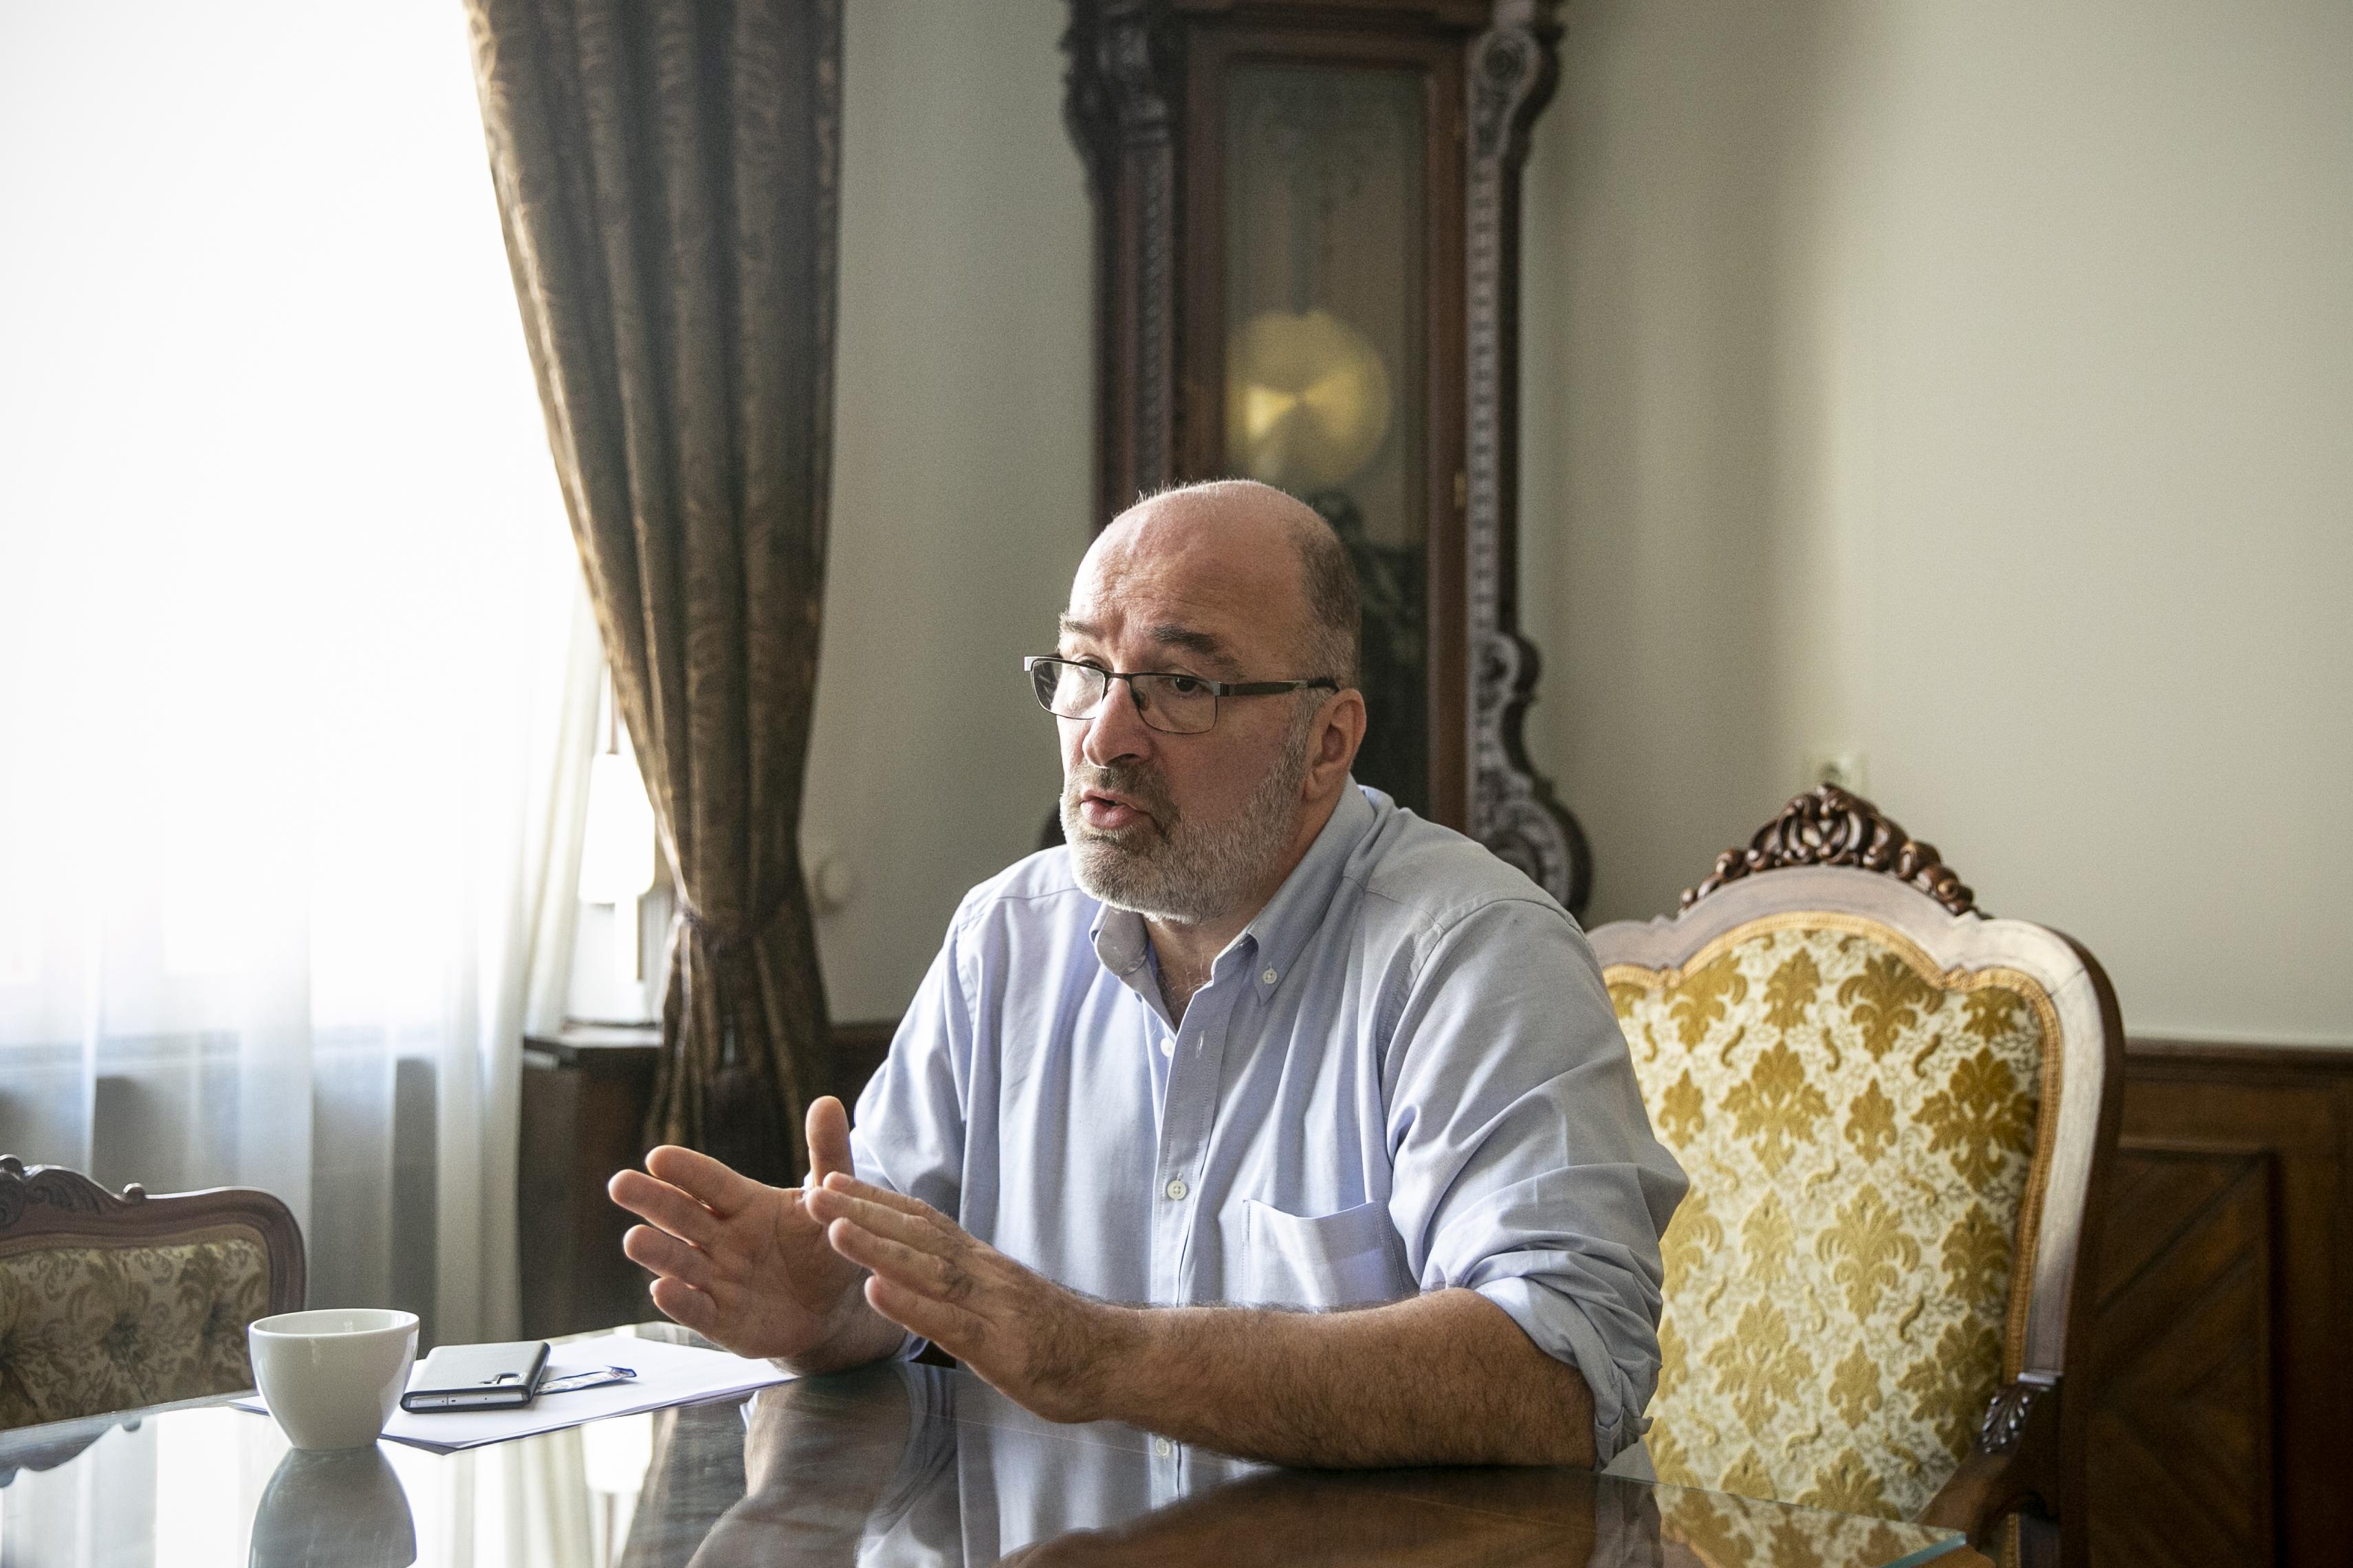 A VIII. kerületi önkormányzat 50 milliós büntetést kapott, amiért a polgármester lecserélte a közétkeztetési céget